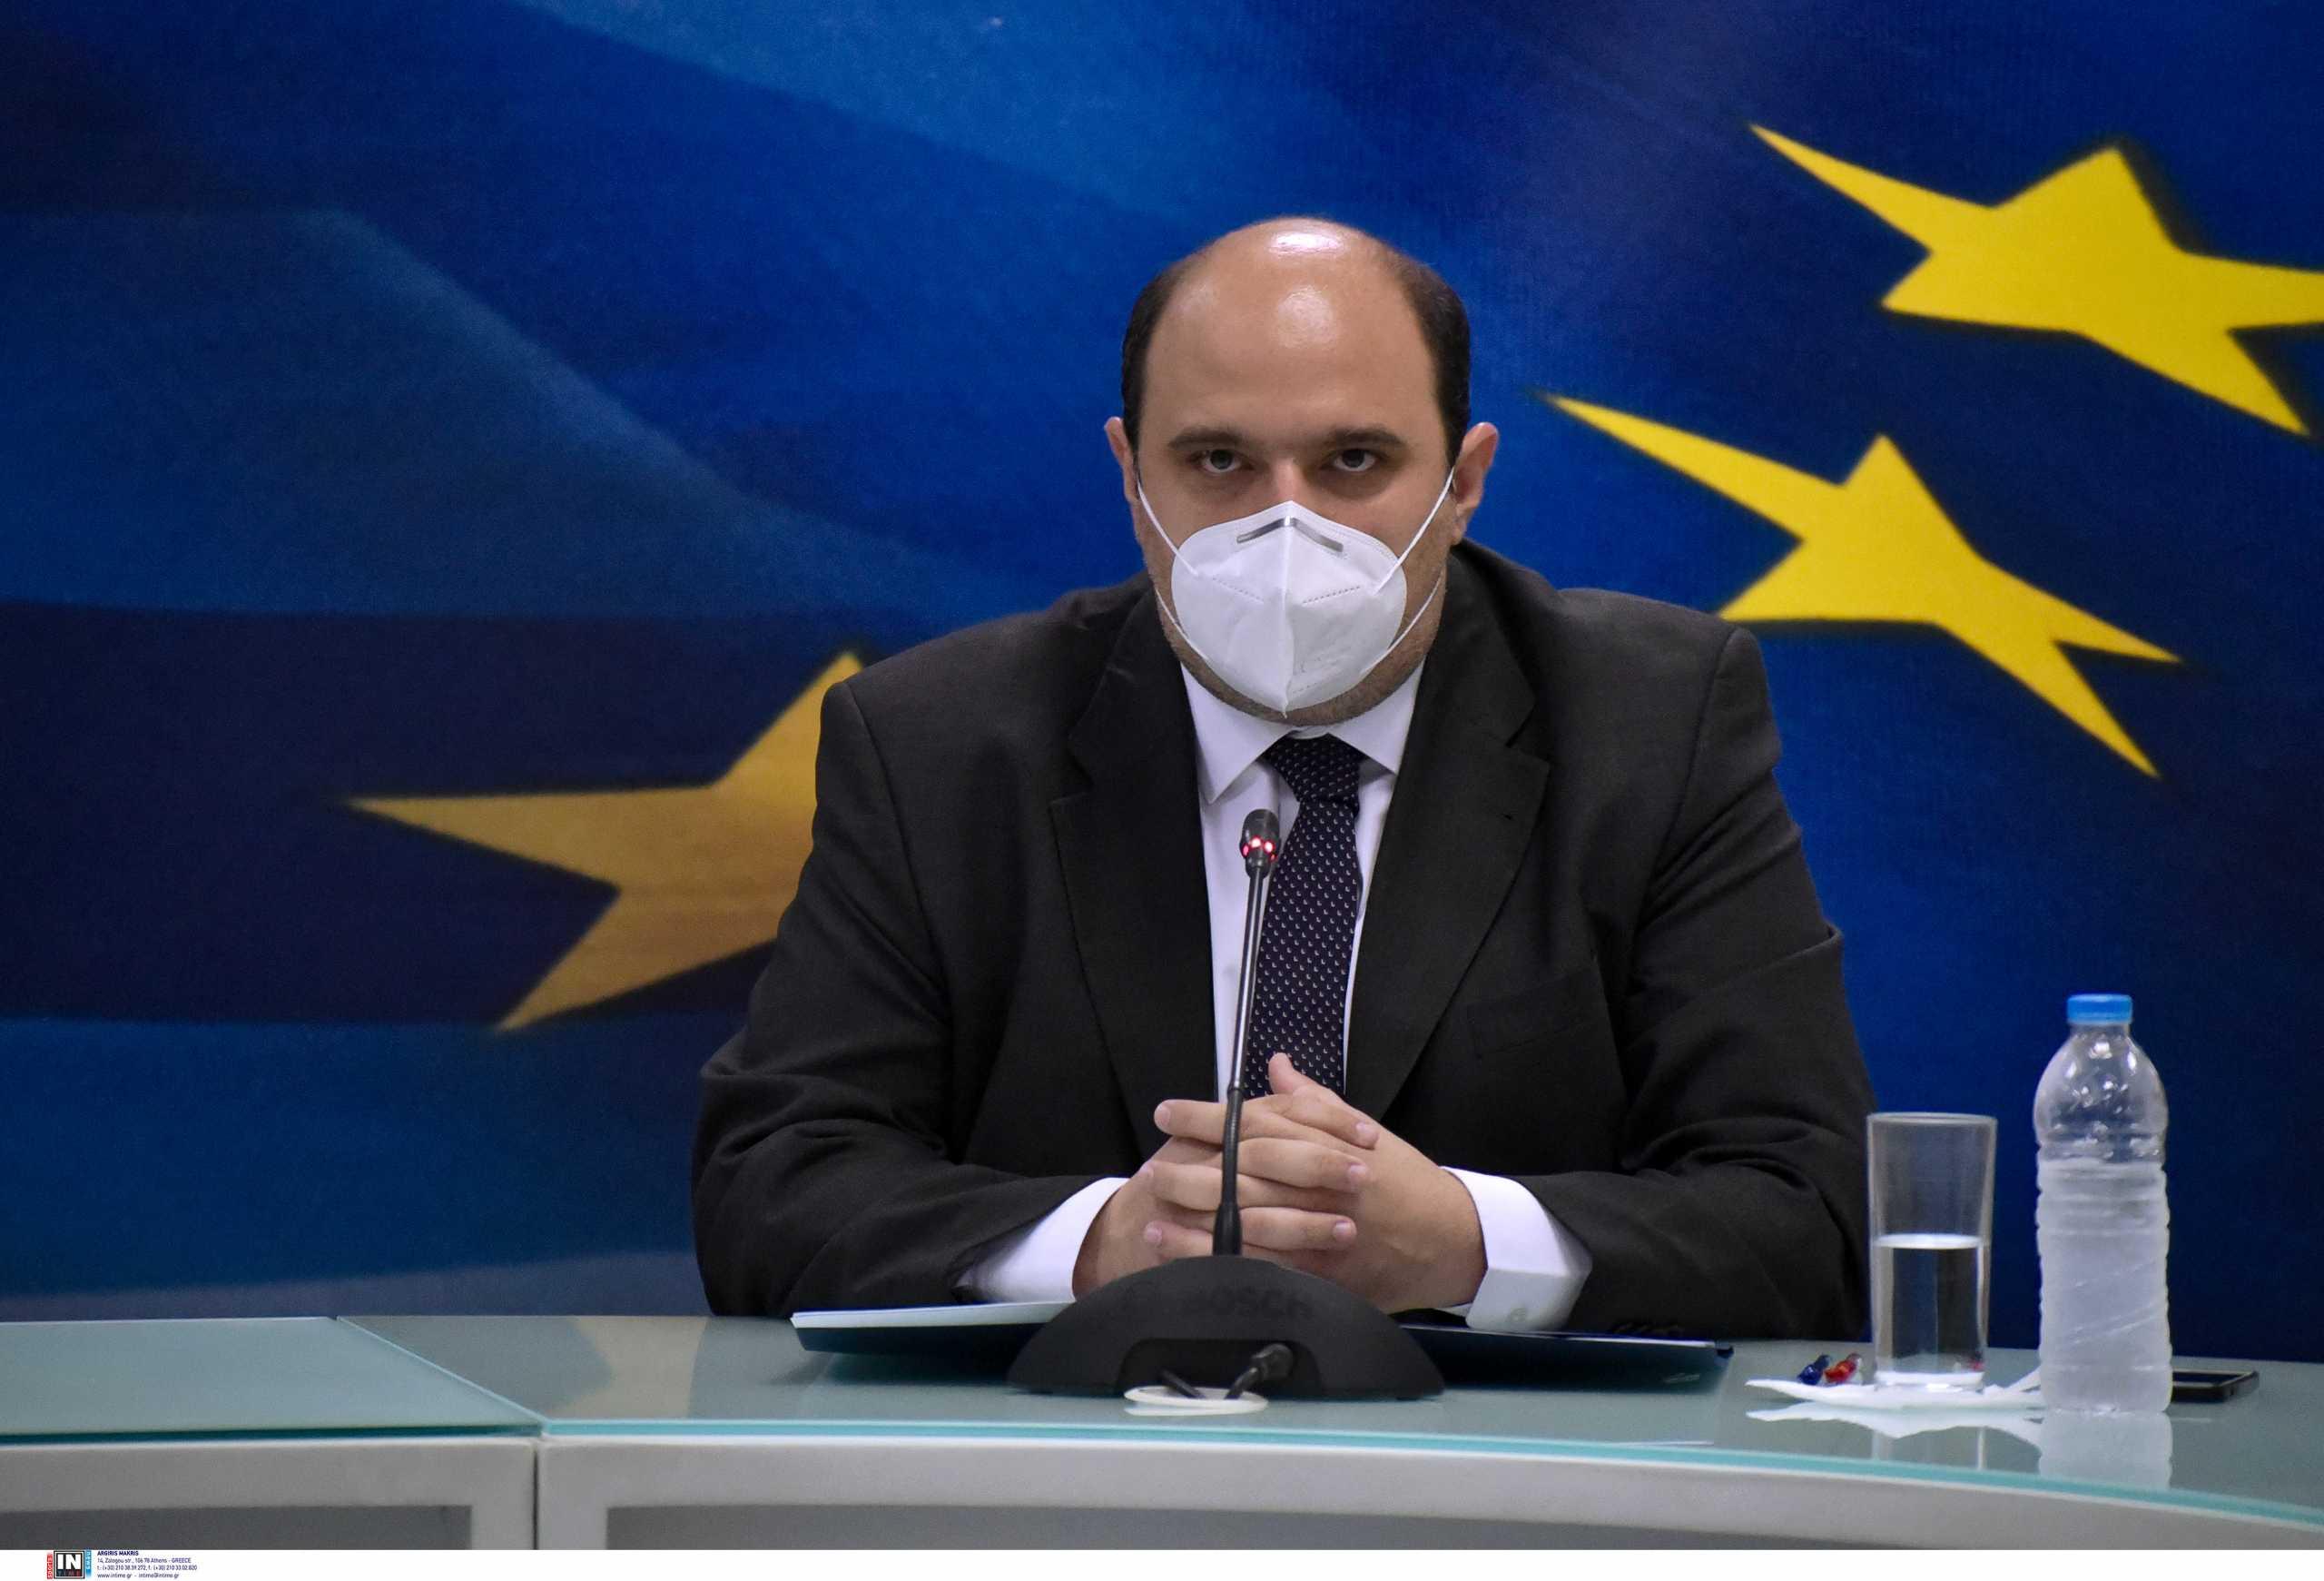 Χρήστος Τριαντόπουλος: Αυτός είναι ο άνθρωπος που θα αναλάβει τα προγράμματα για τους πυρόπληκτους